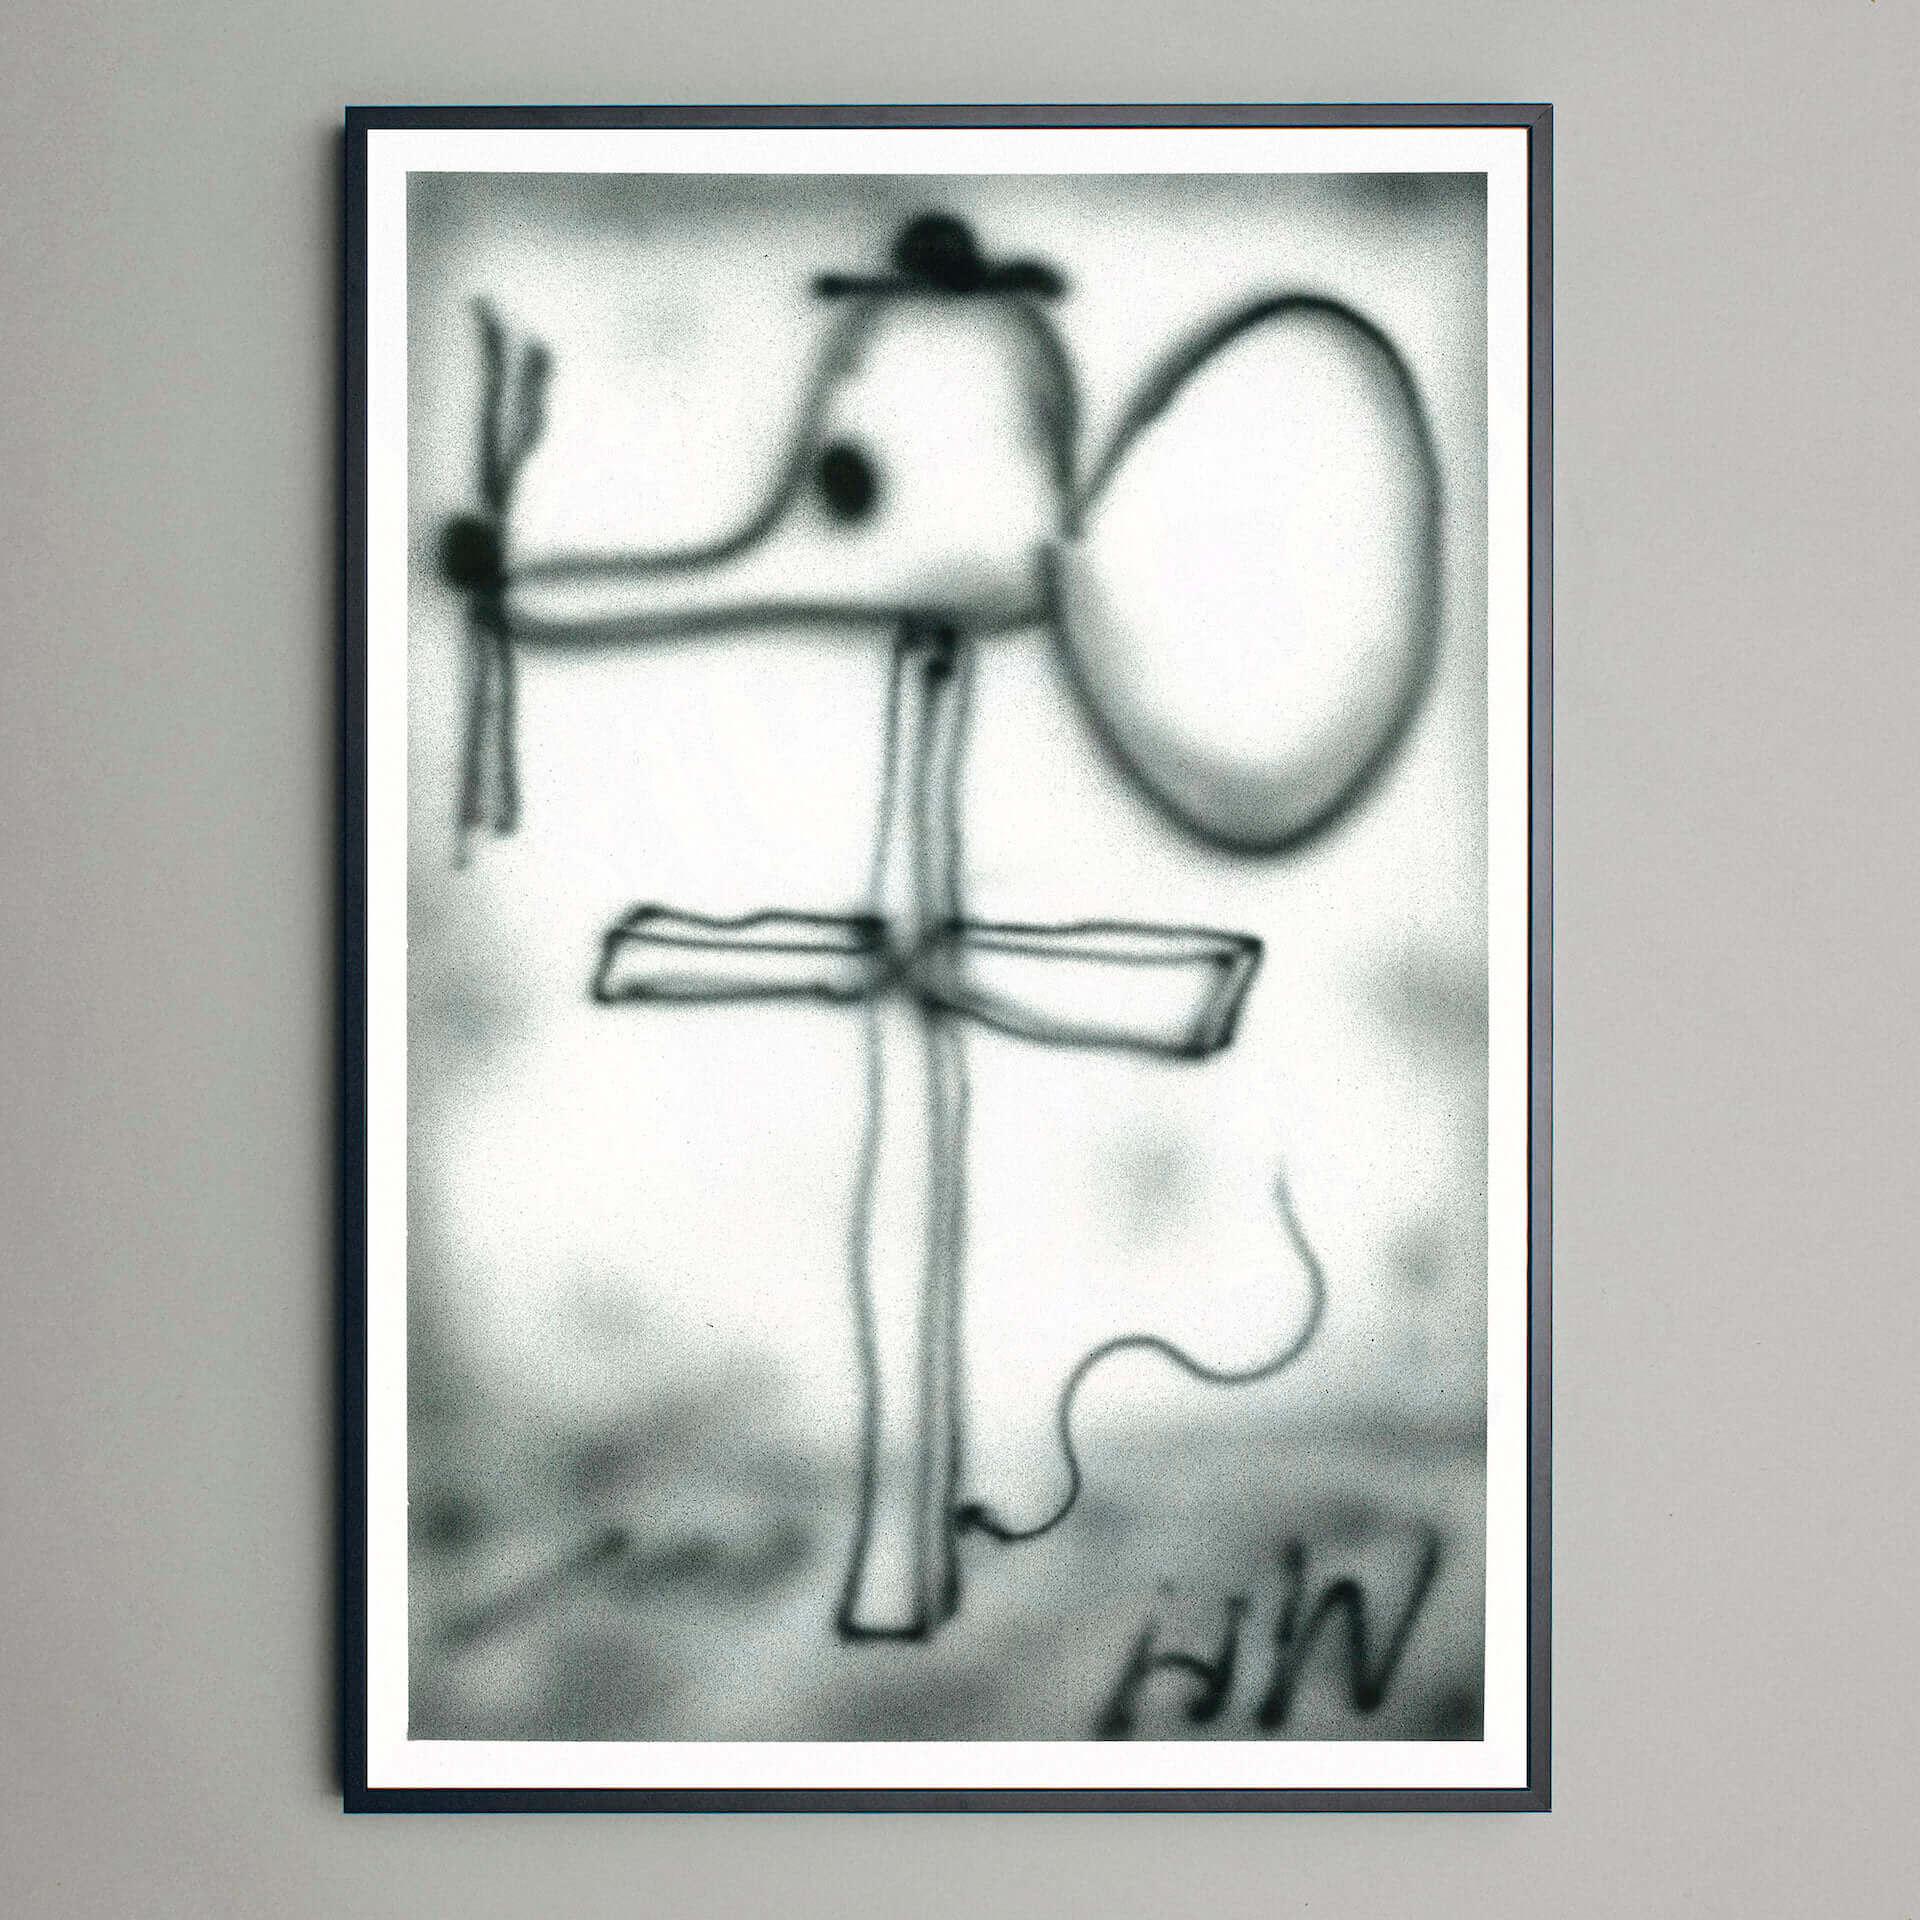 ヒラパー・ウィルソンの個展<TWIG>がLAID BUGにて開催決定!LAID BUGが監修したアートブックも販売 art210208_twig_4-1920x1920